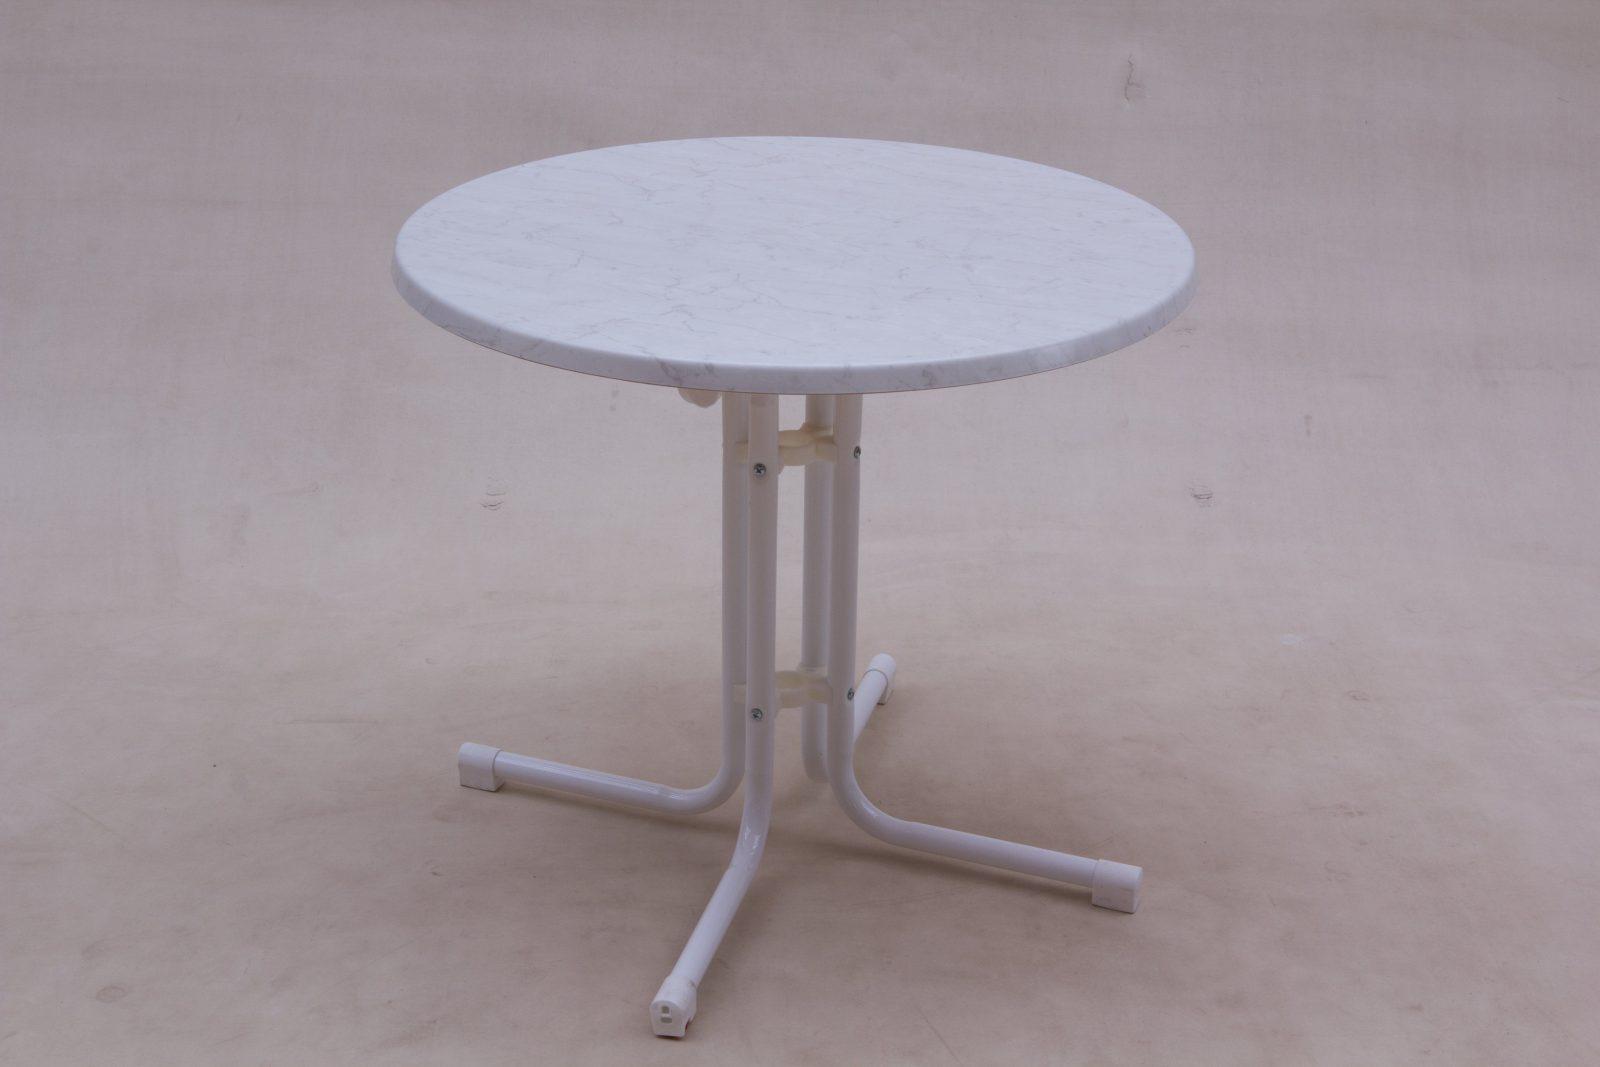 Gartentisch Rund 80 Cm Gartentisch Rund 80 Cm With Gartentisch Rund von Gartentisch Rund 80 Cm Durchmesser Photo